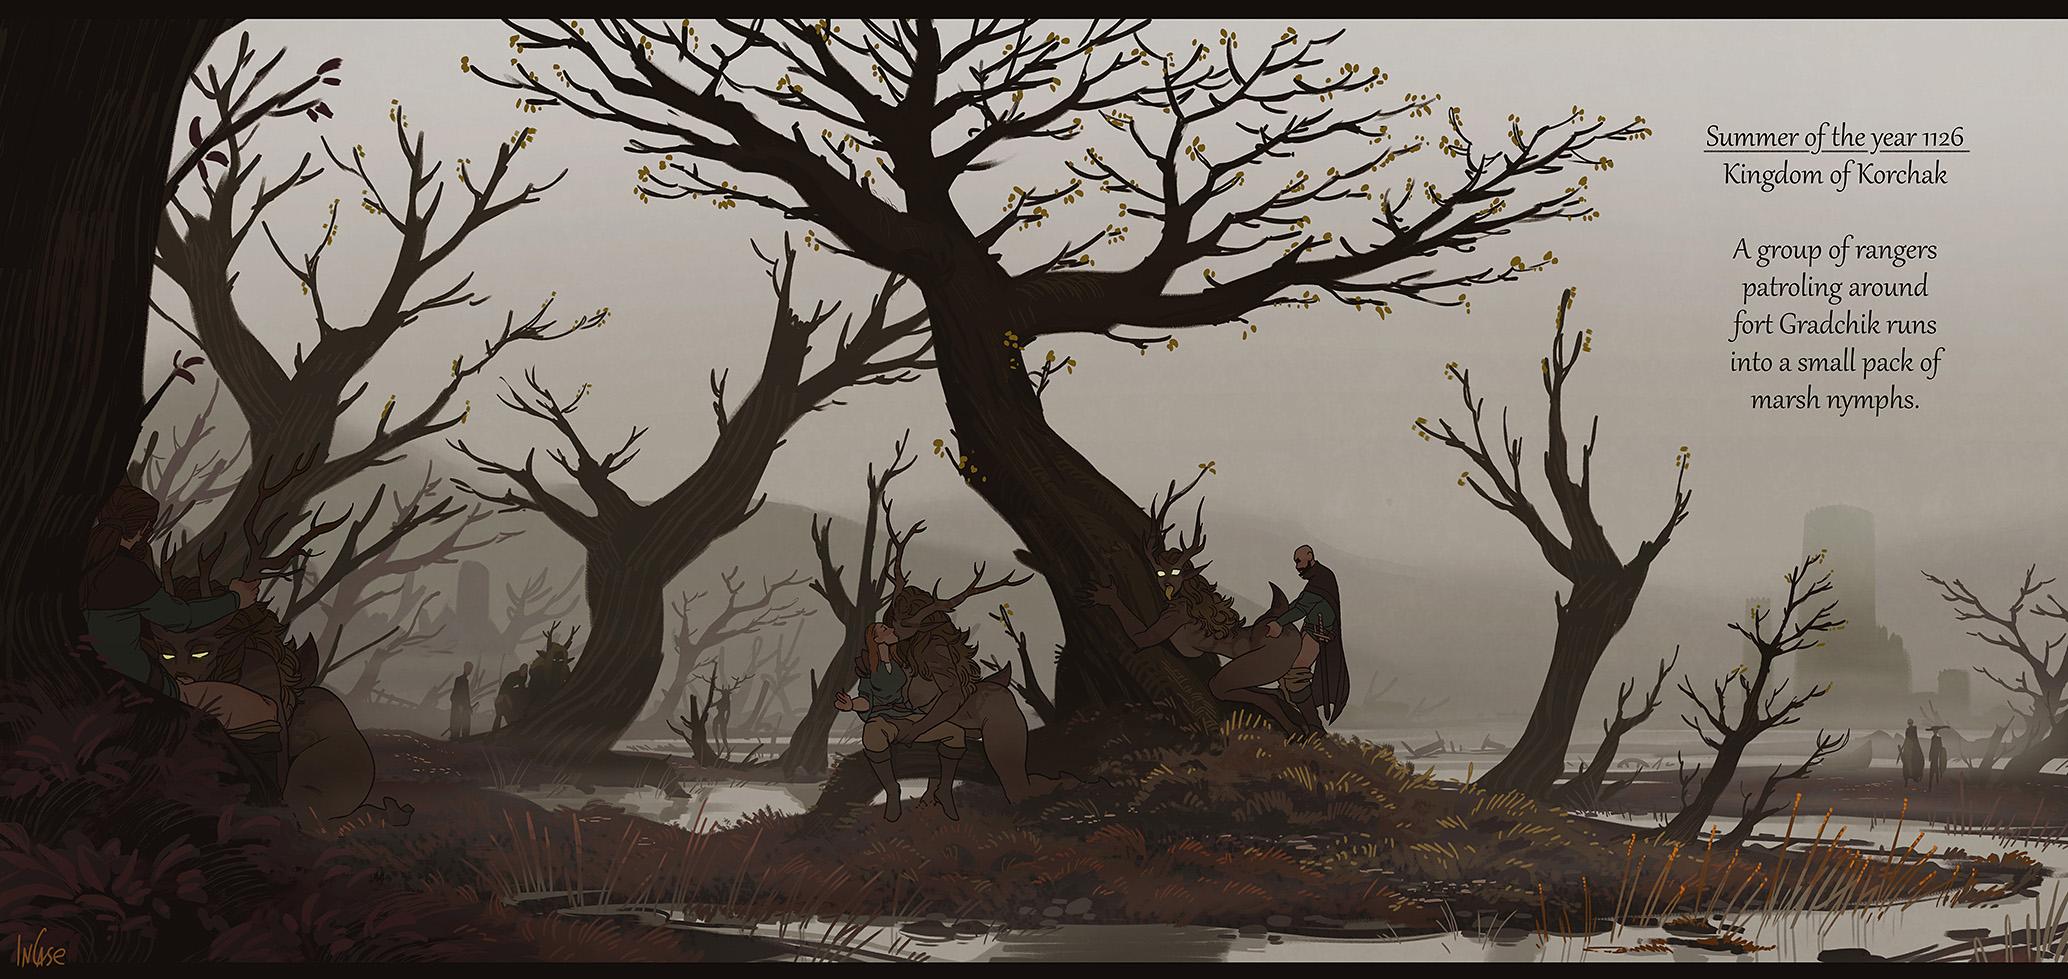 Landscapes: Korchak Marshes